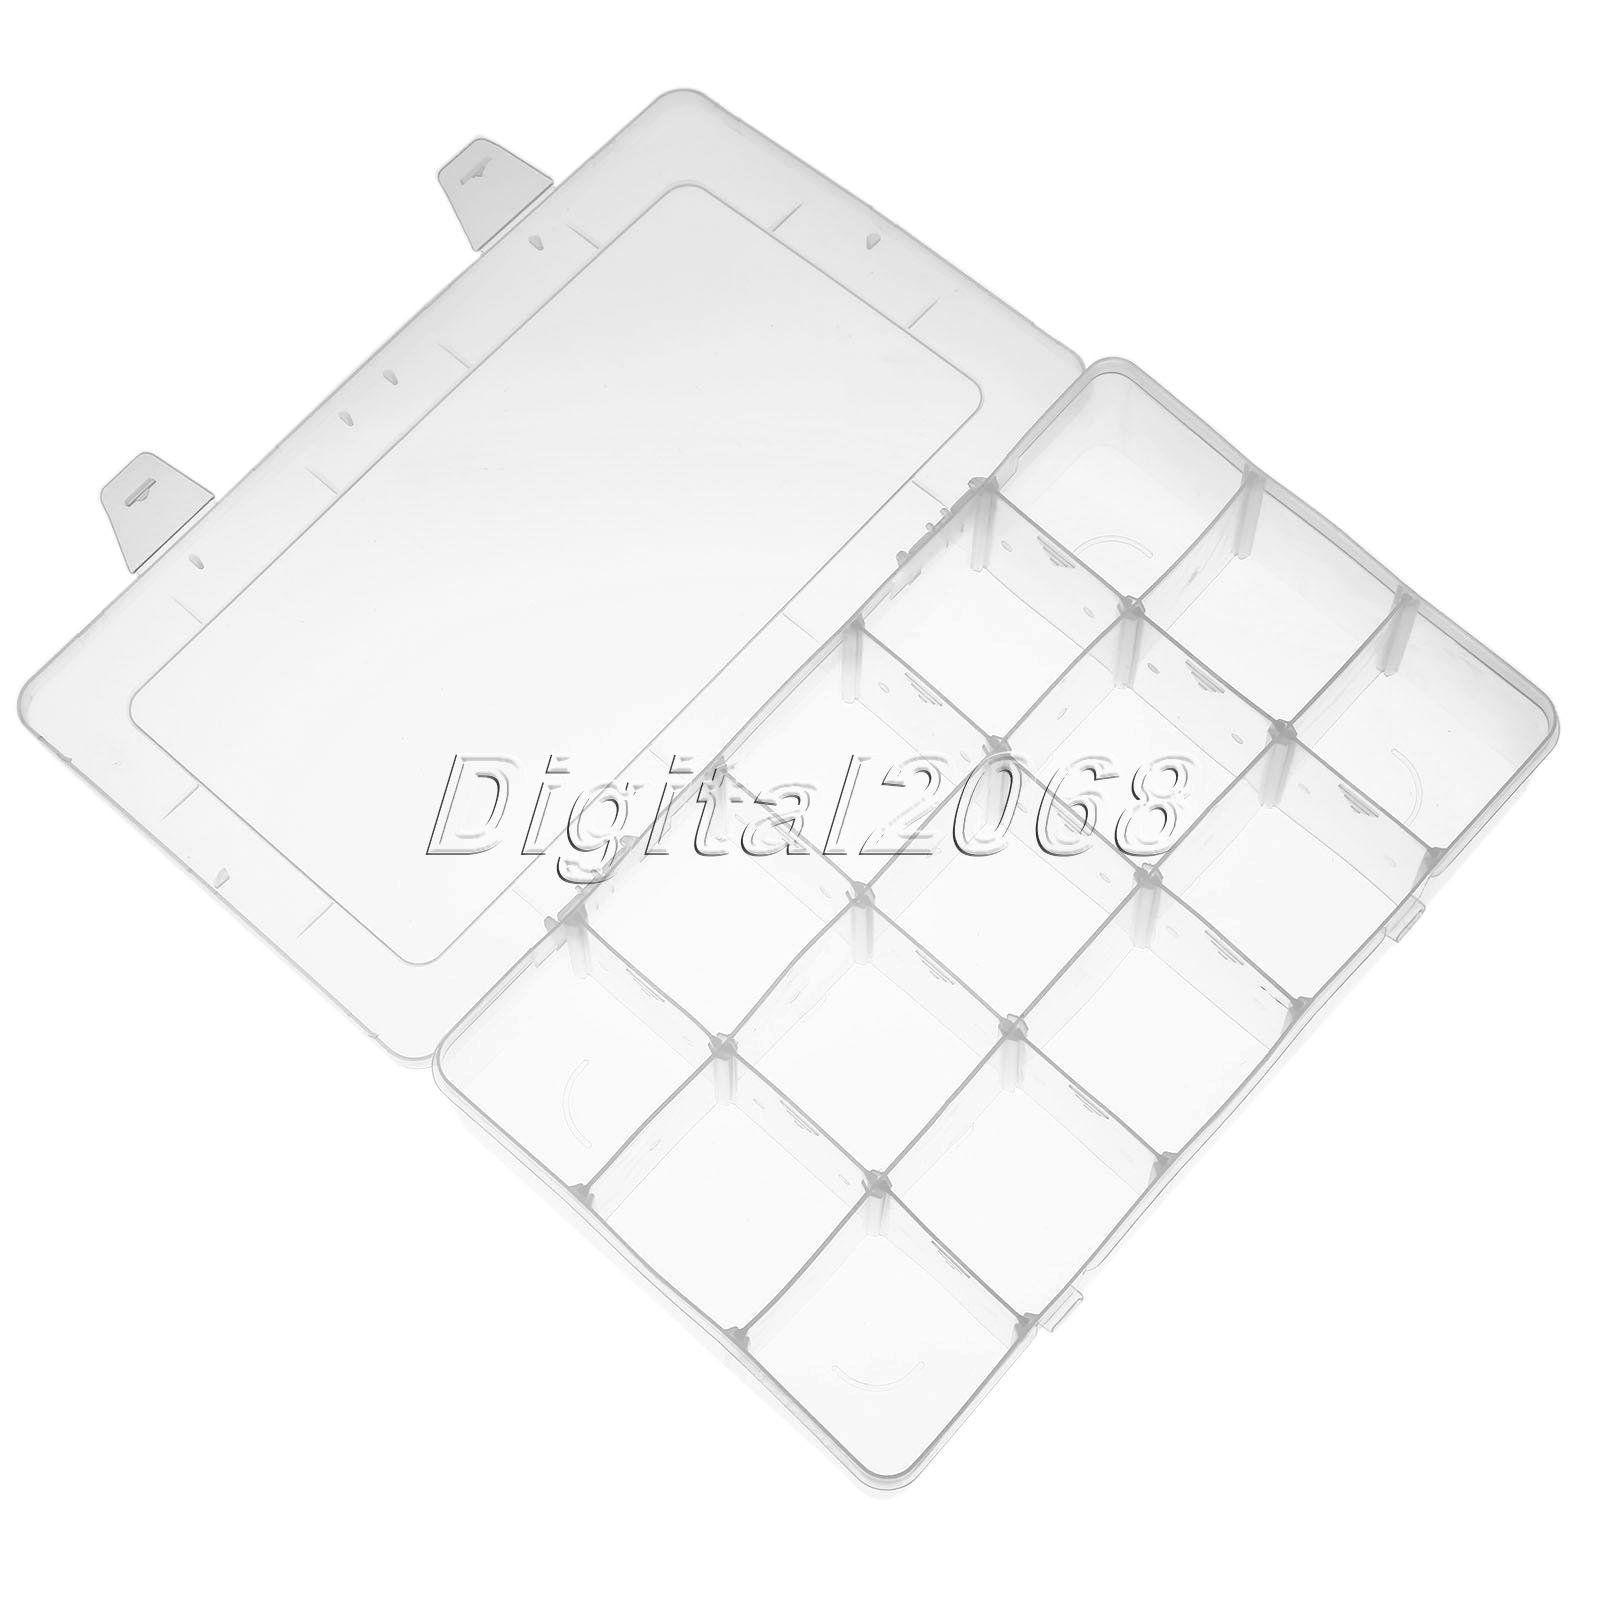 Ясно Органайзеры для шкафов 15 слотов Отсек Ящик для хранения ювелирных изделий Бусины серьги косметические кнопку Винт Пластик 27x16x5.5 см